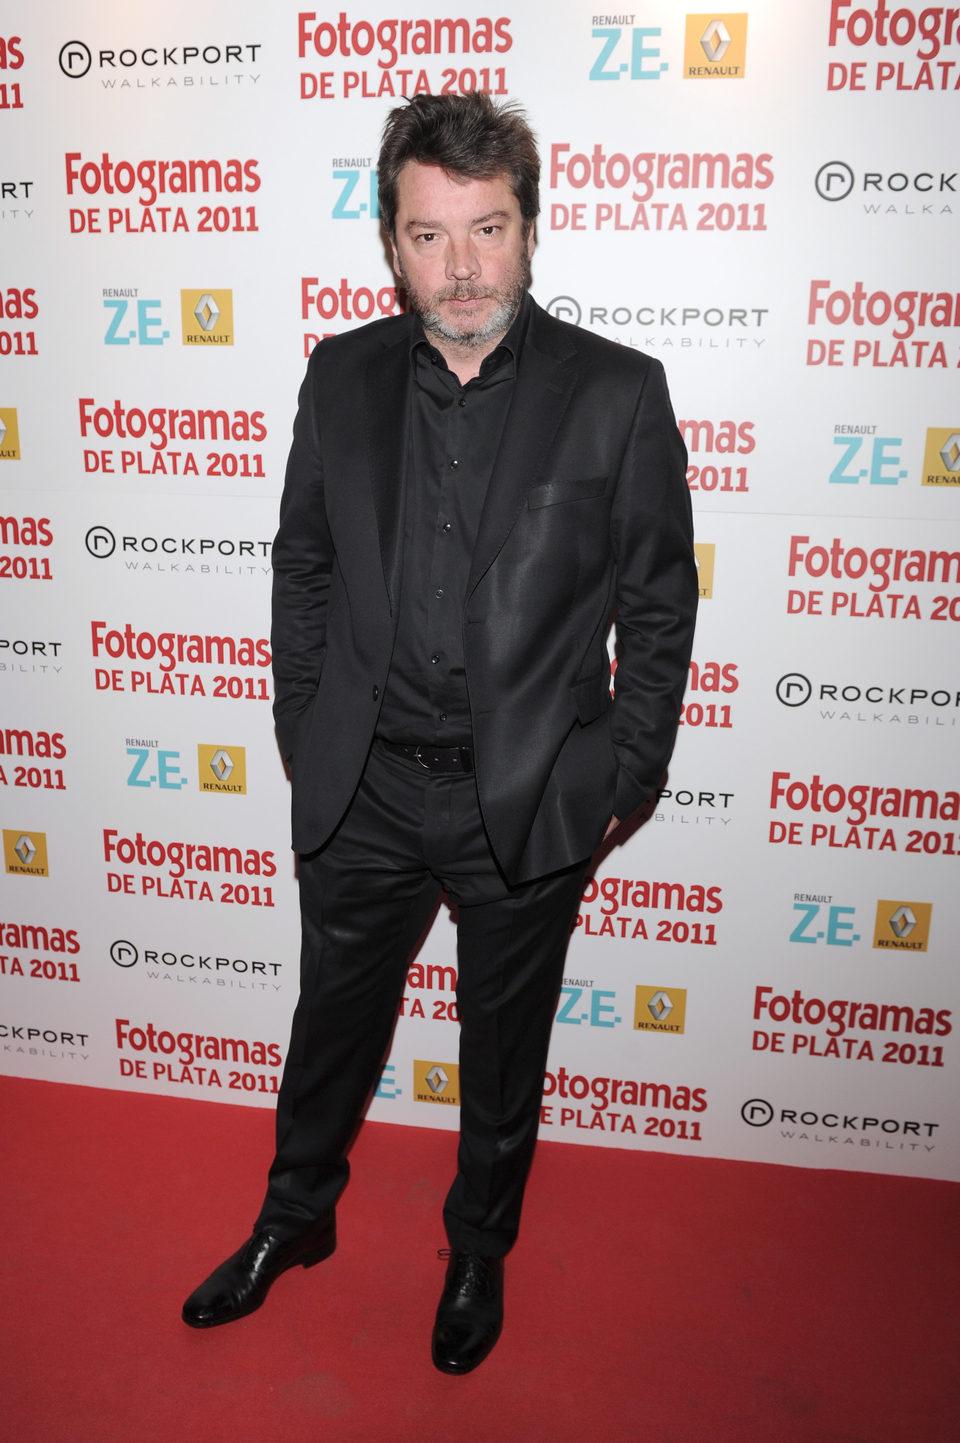 Enrique Urbizu en los Fotogramas de Plata 2011